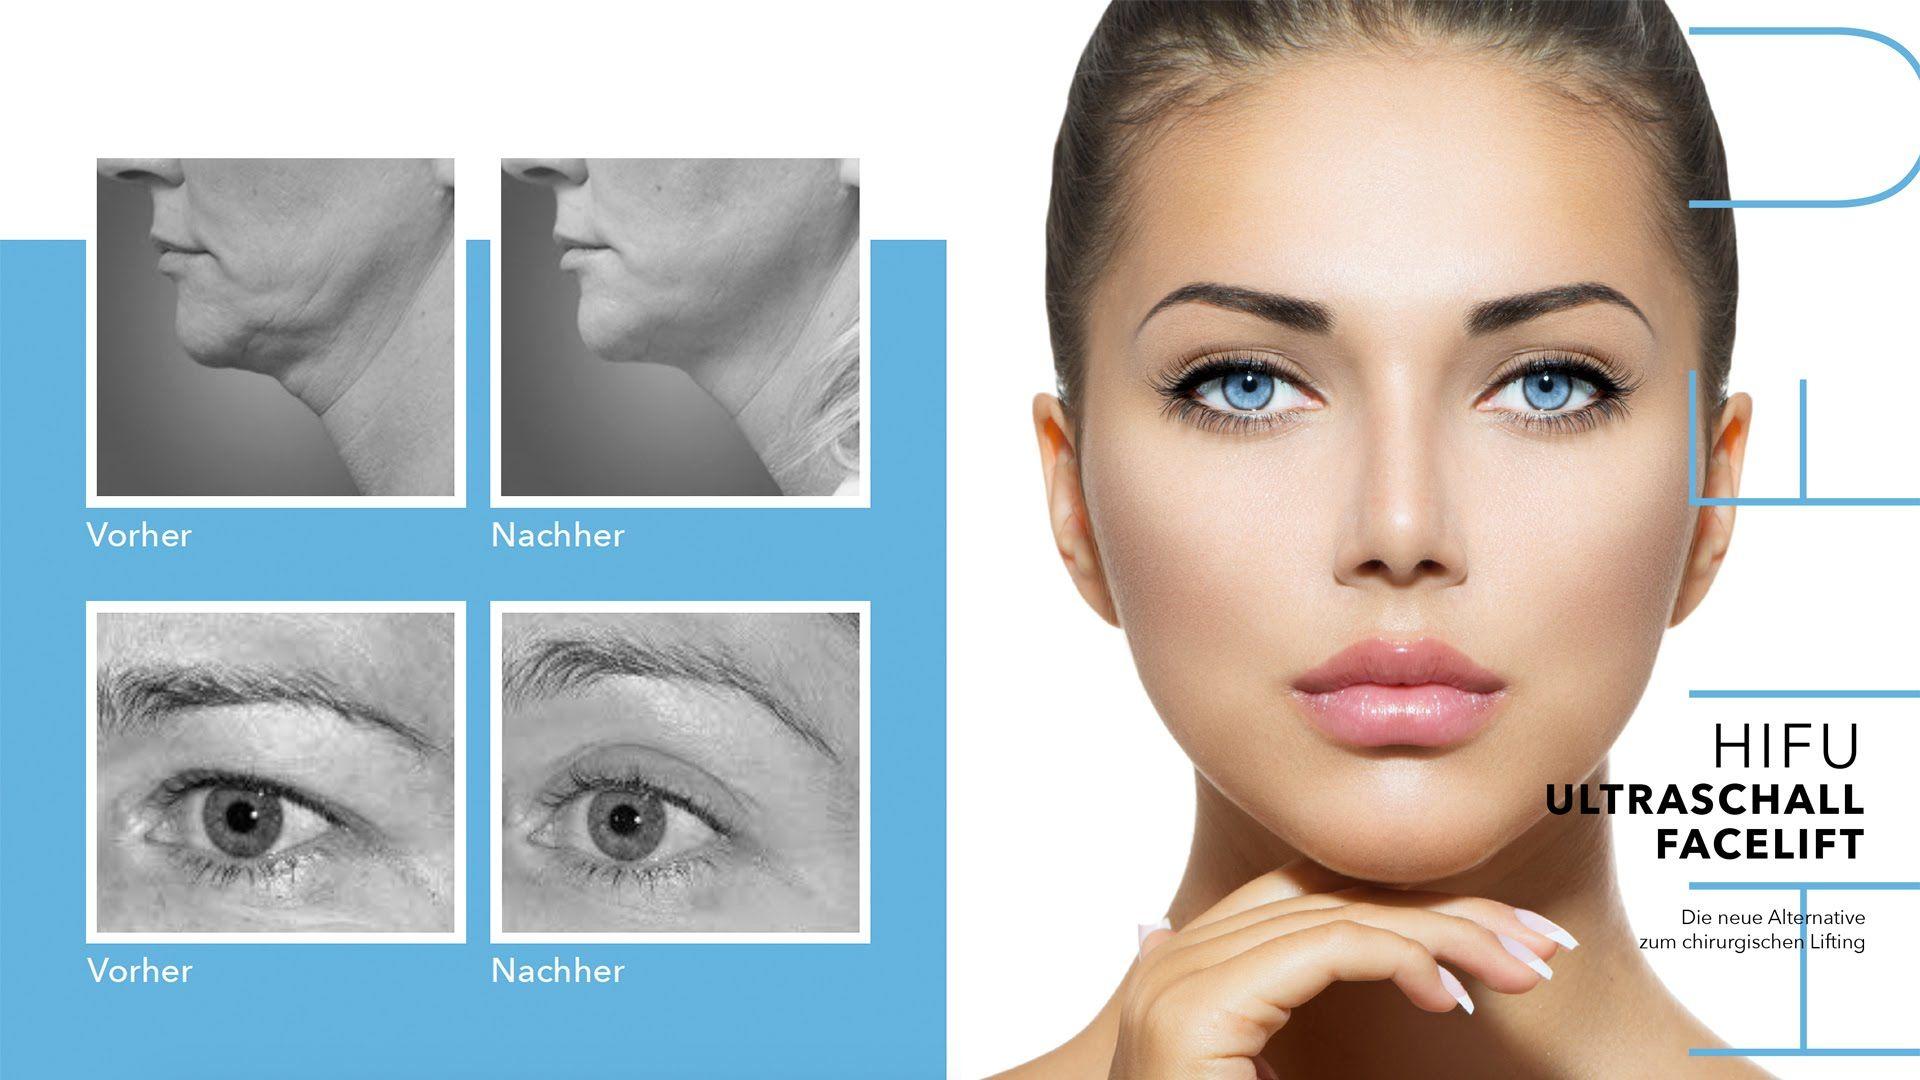 Hifu Ultraschall Facelift Mit Ultraschall Gesicht Behandeln Good Skin Permanent Makeup Aging Skin